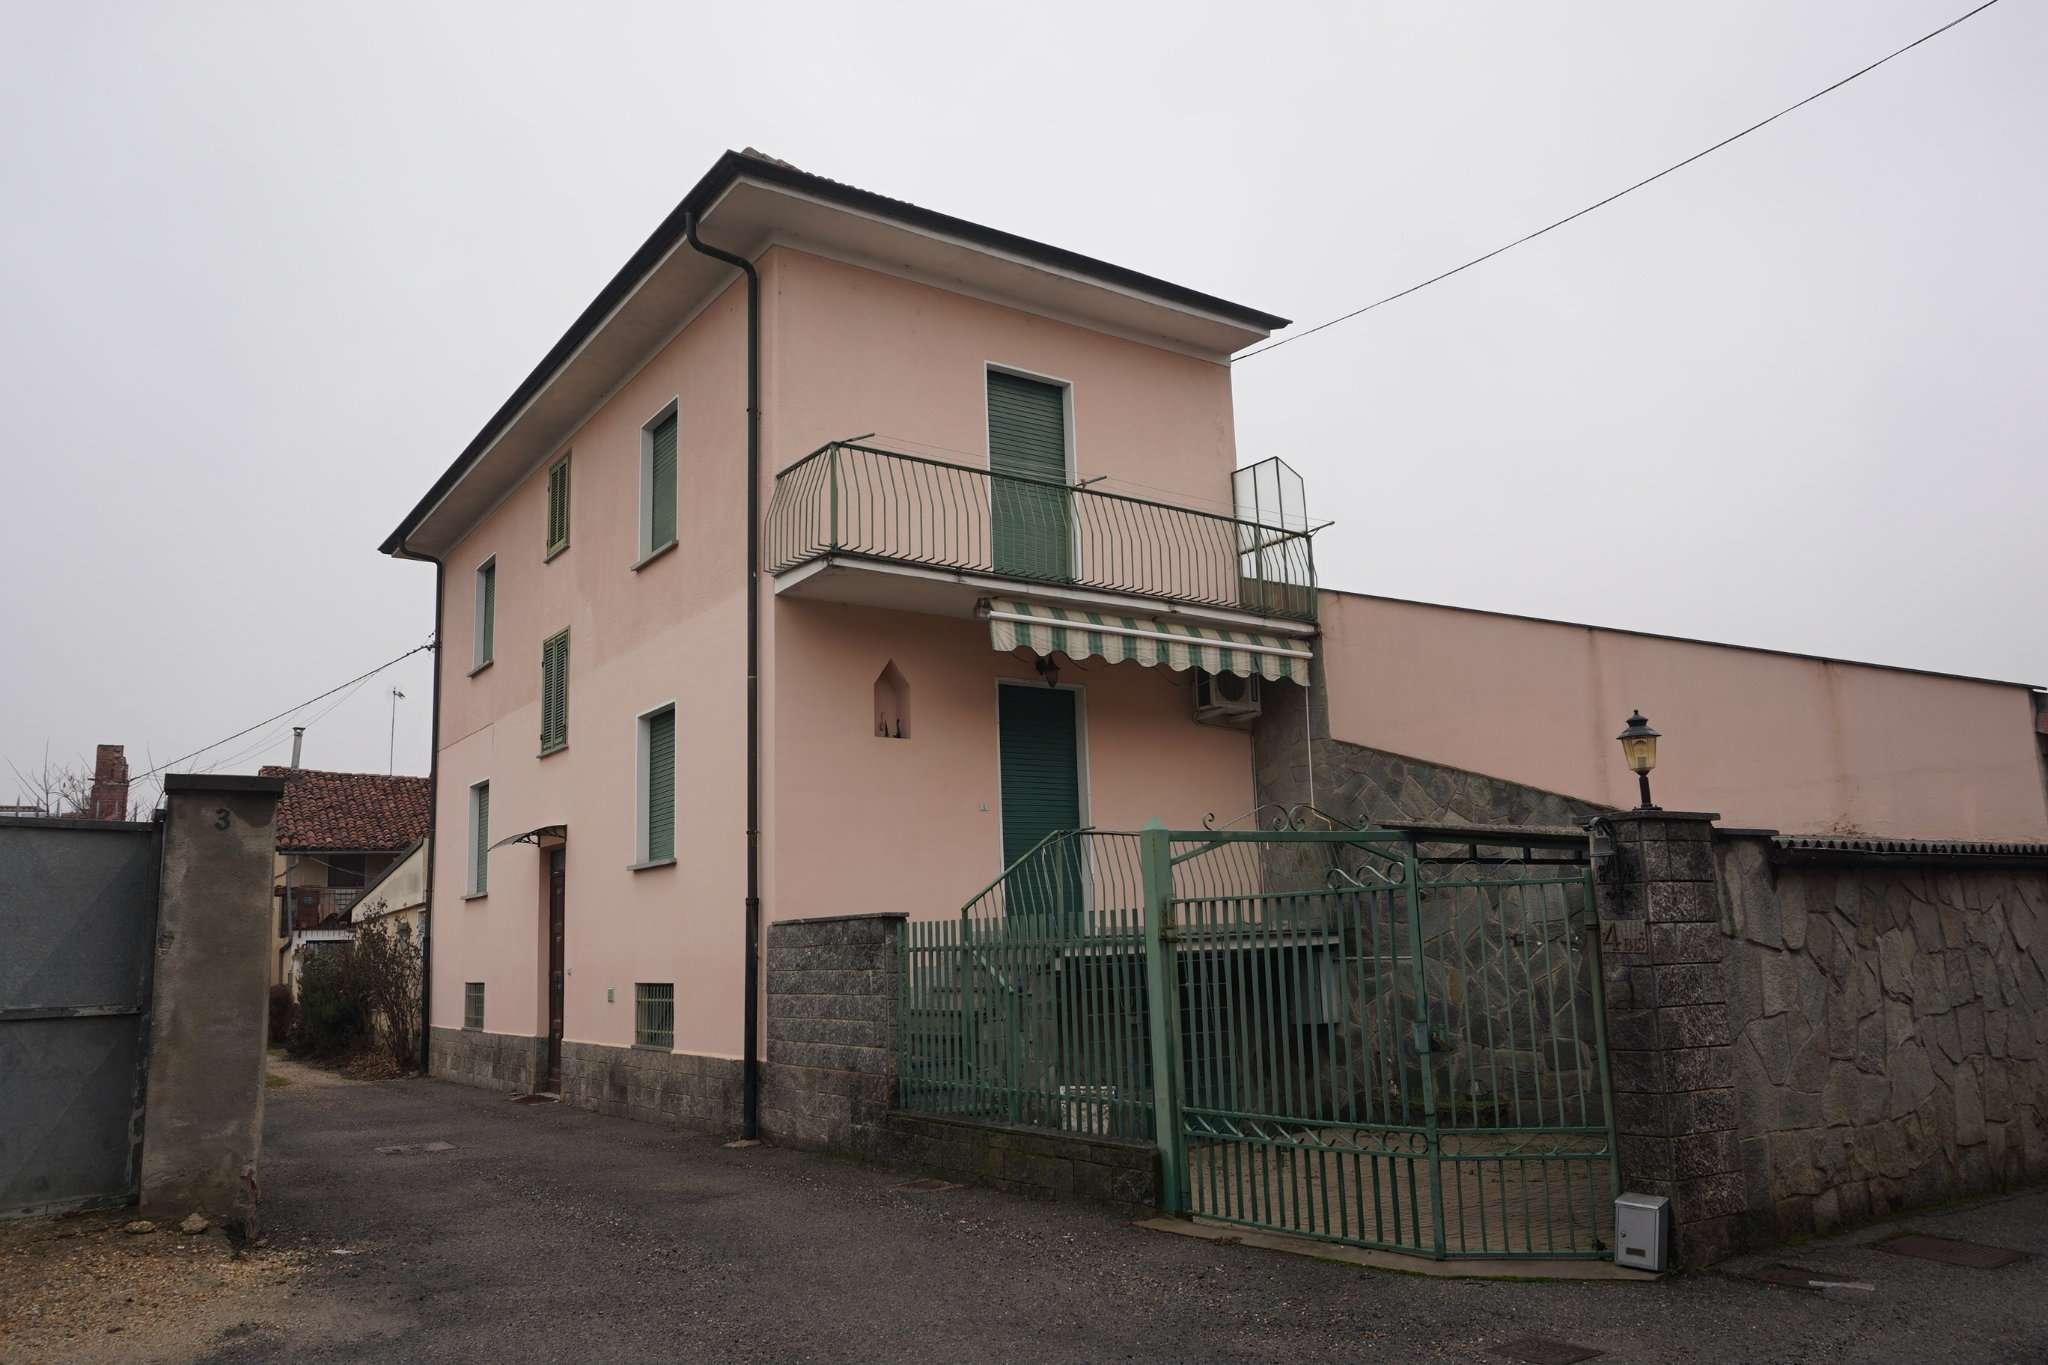 Soluzione Indipendente in vendita a Carmagnola, 5 locali, prezzo € 115.000 | Cambio Casa.it